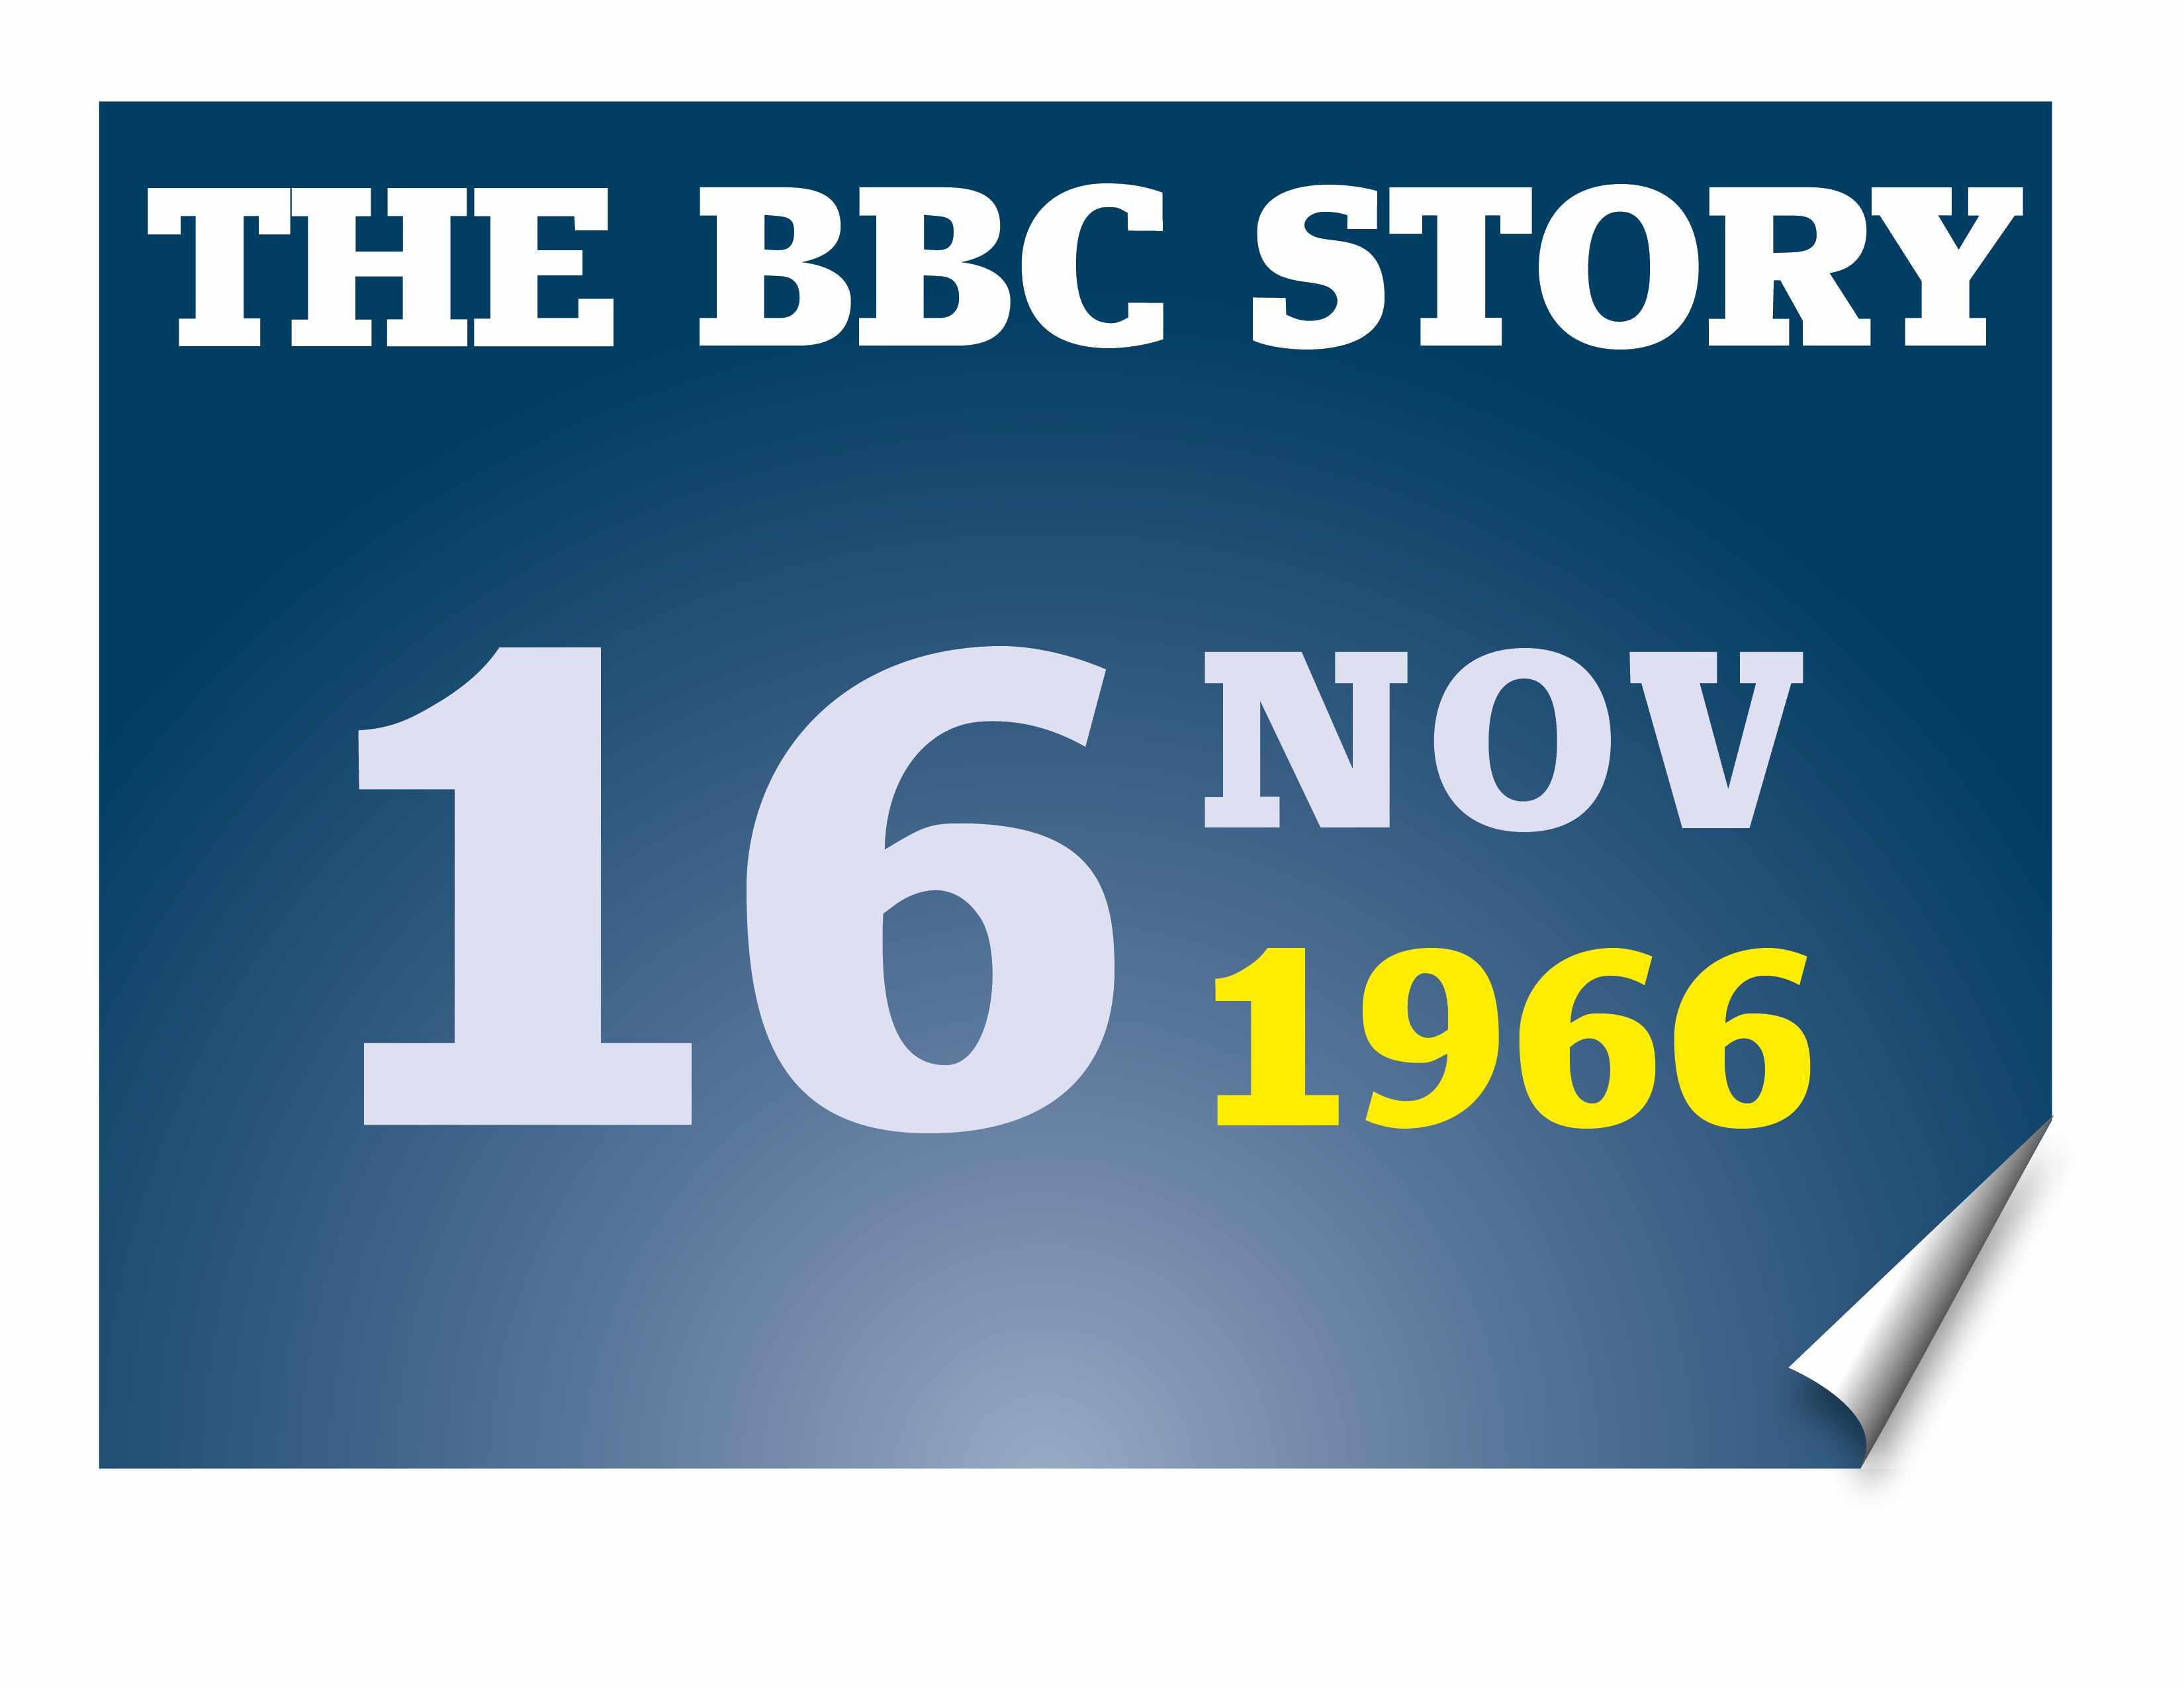 bbc-nov-21c7f40